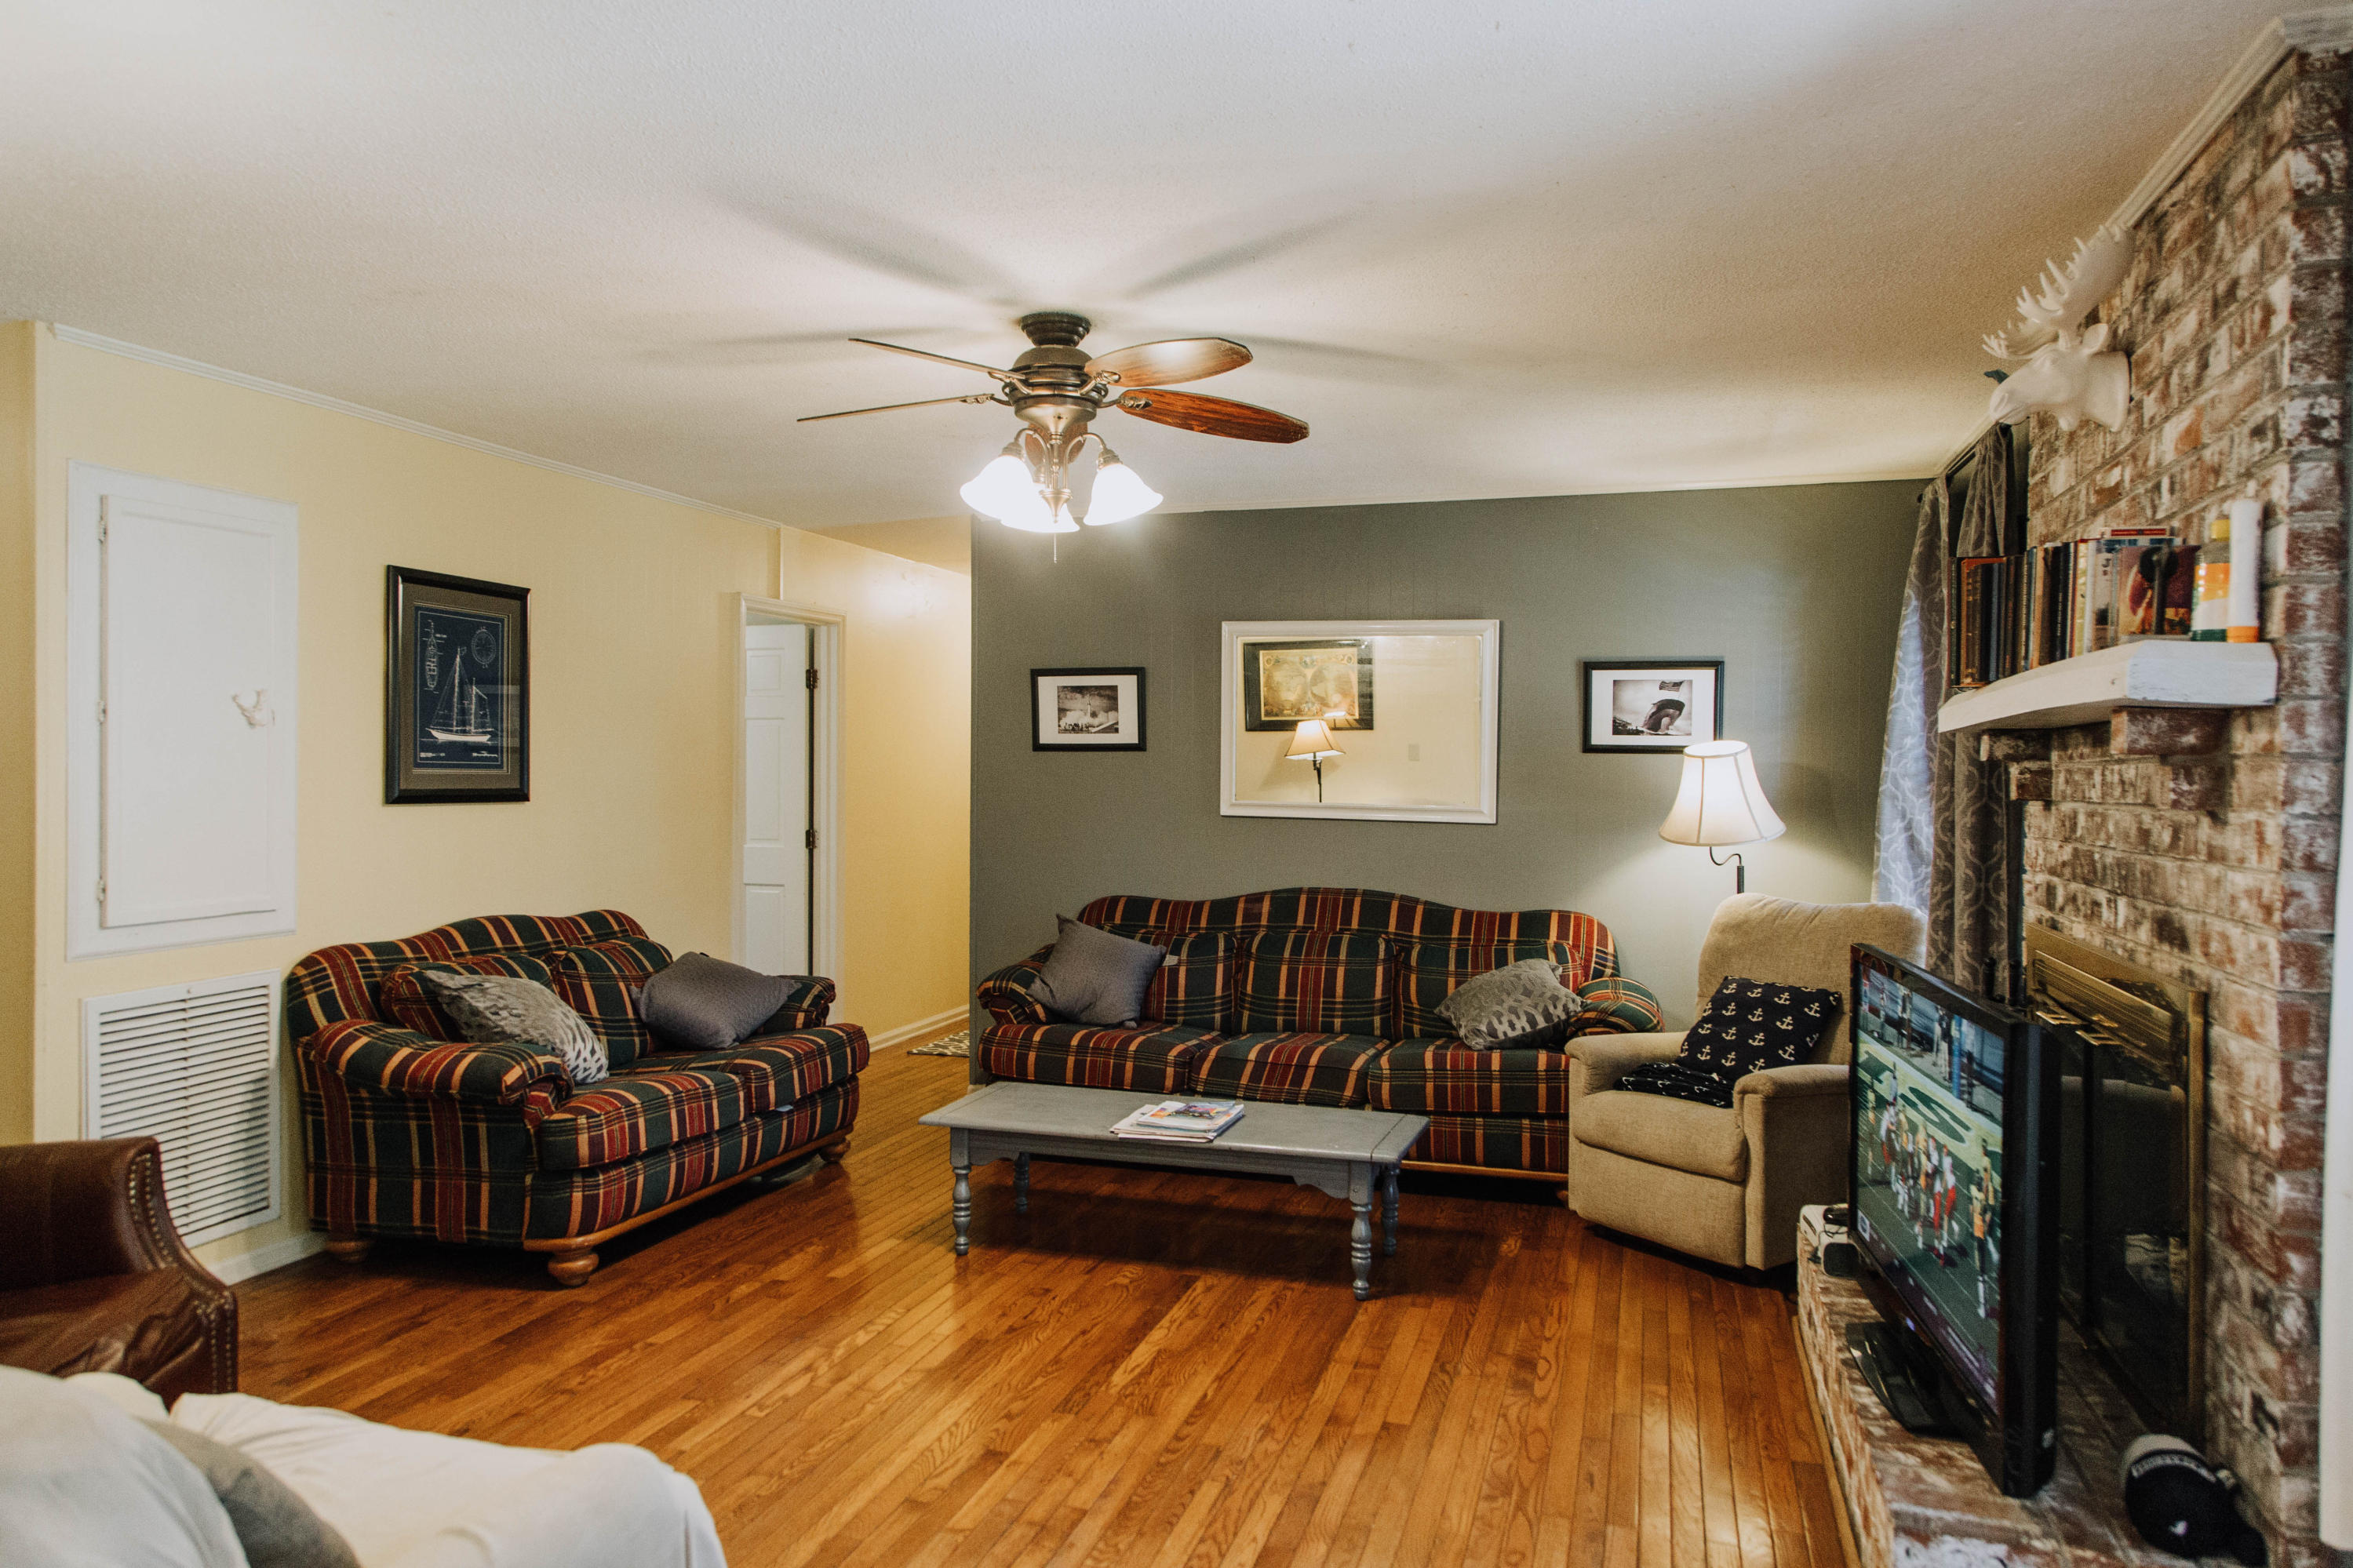 Harborgate Shores Homes For Sale - 1133 Rifle Range, Mount Pleasant, SC - 15